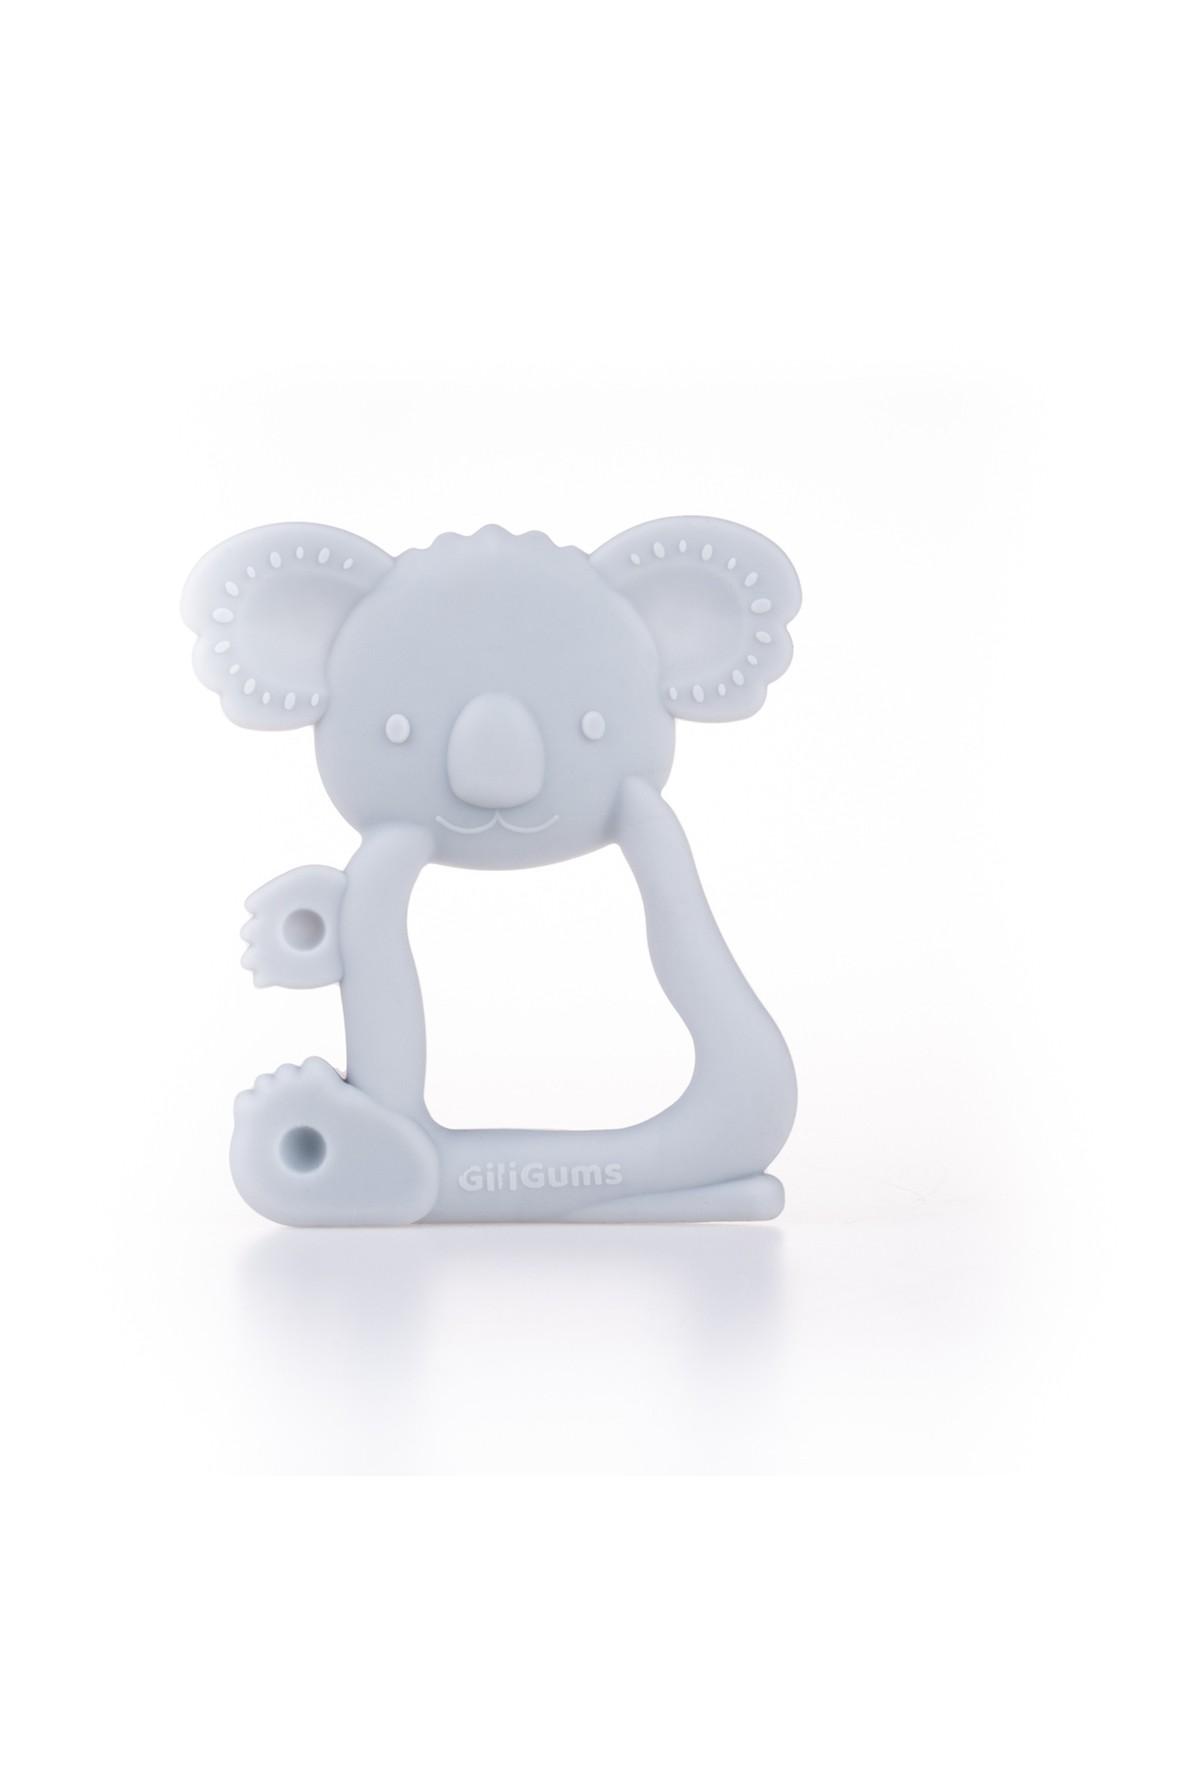 Silikonowy gryzak koala GiliGums - szary wiek 3msc+